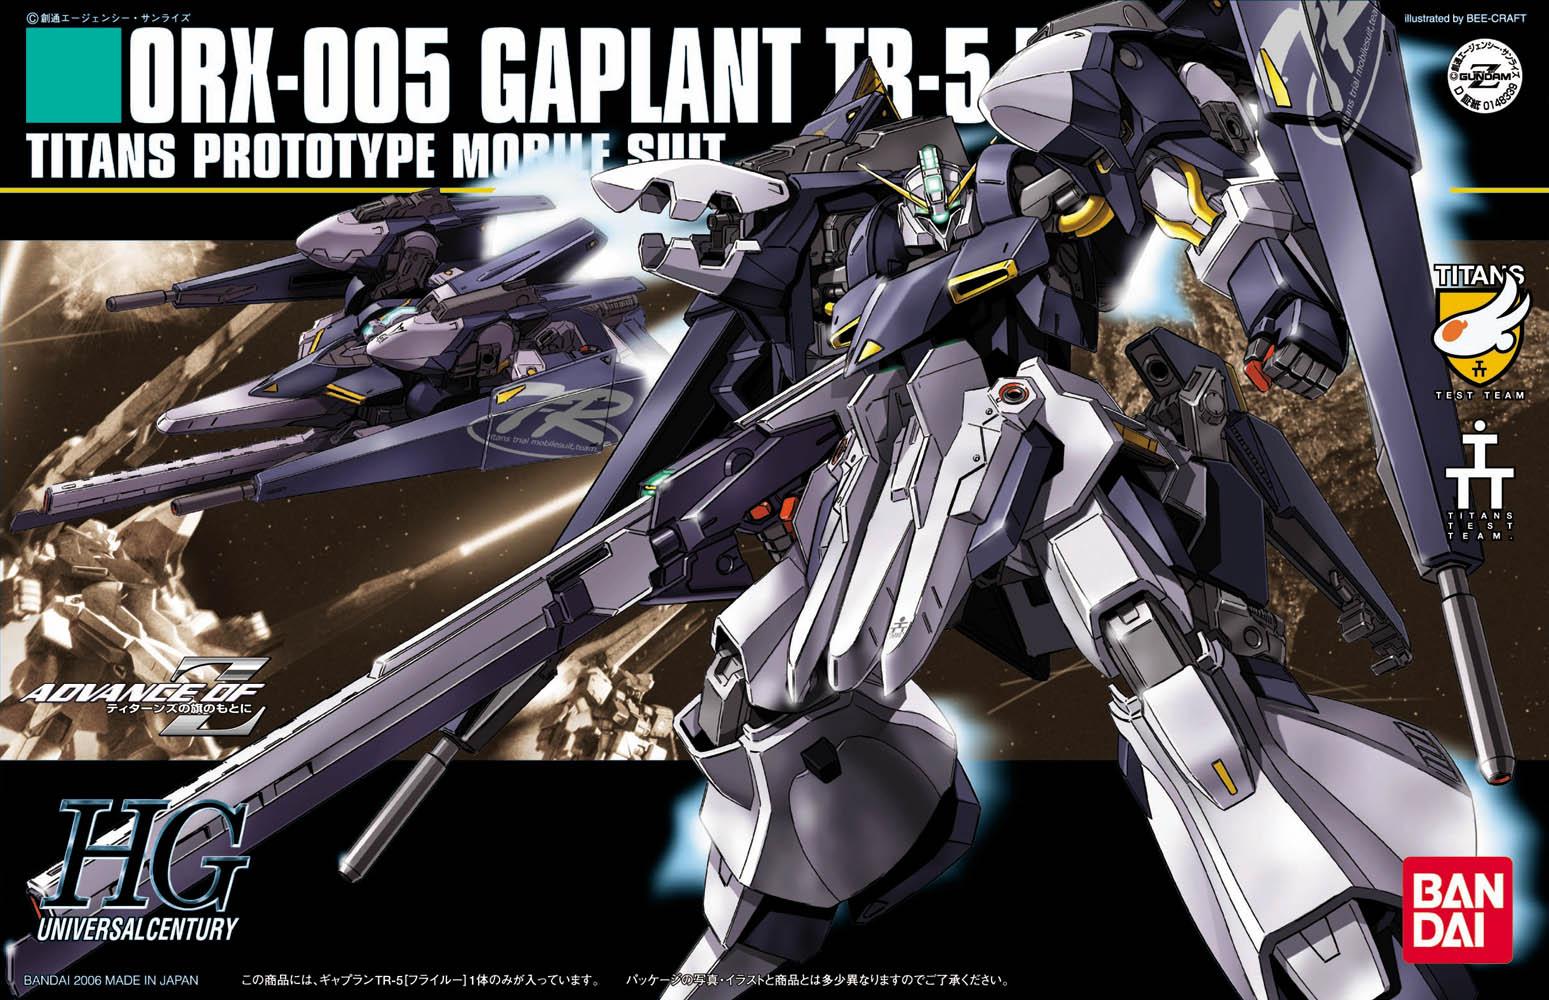 ギャプランTR-5[フライルー] バンダイホビー